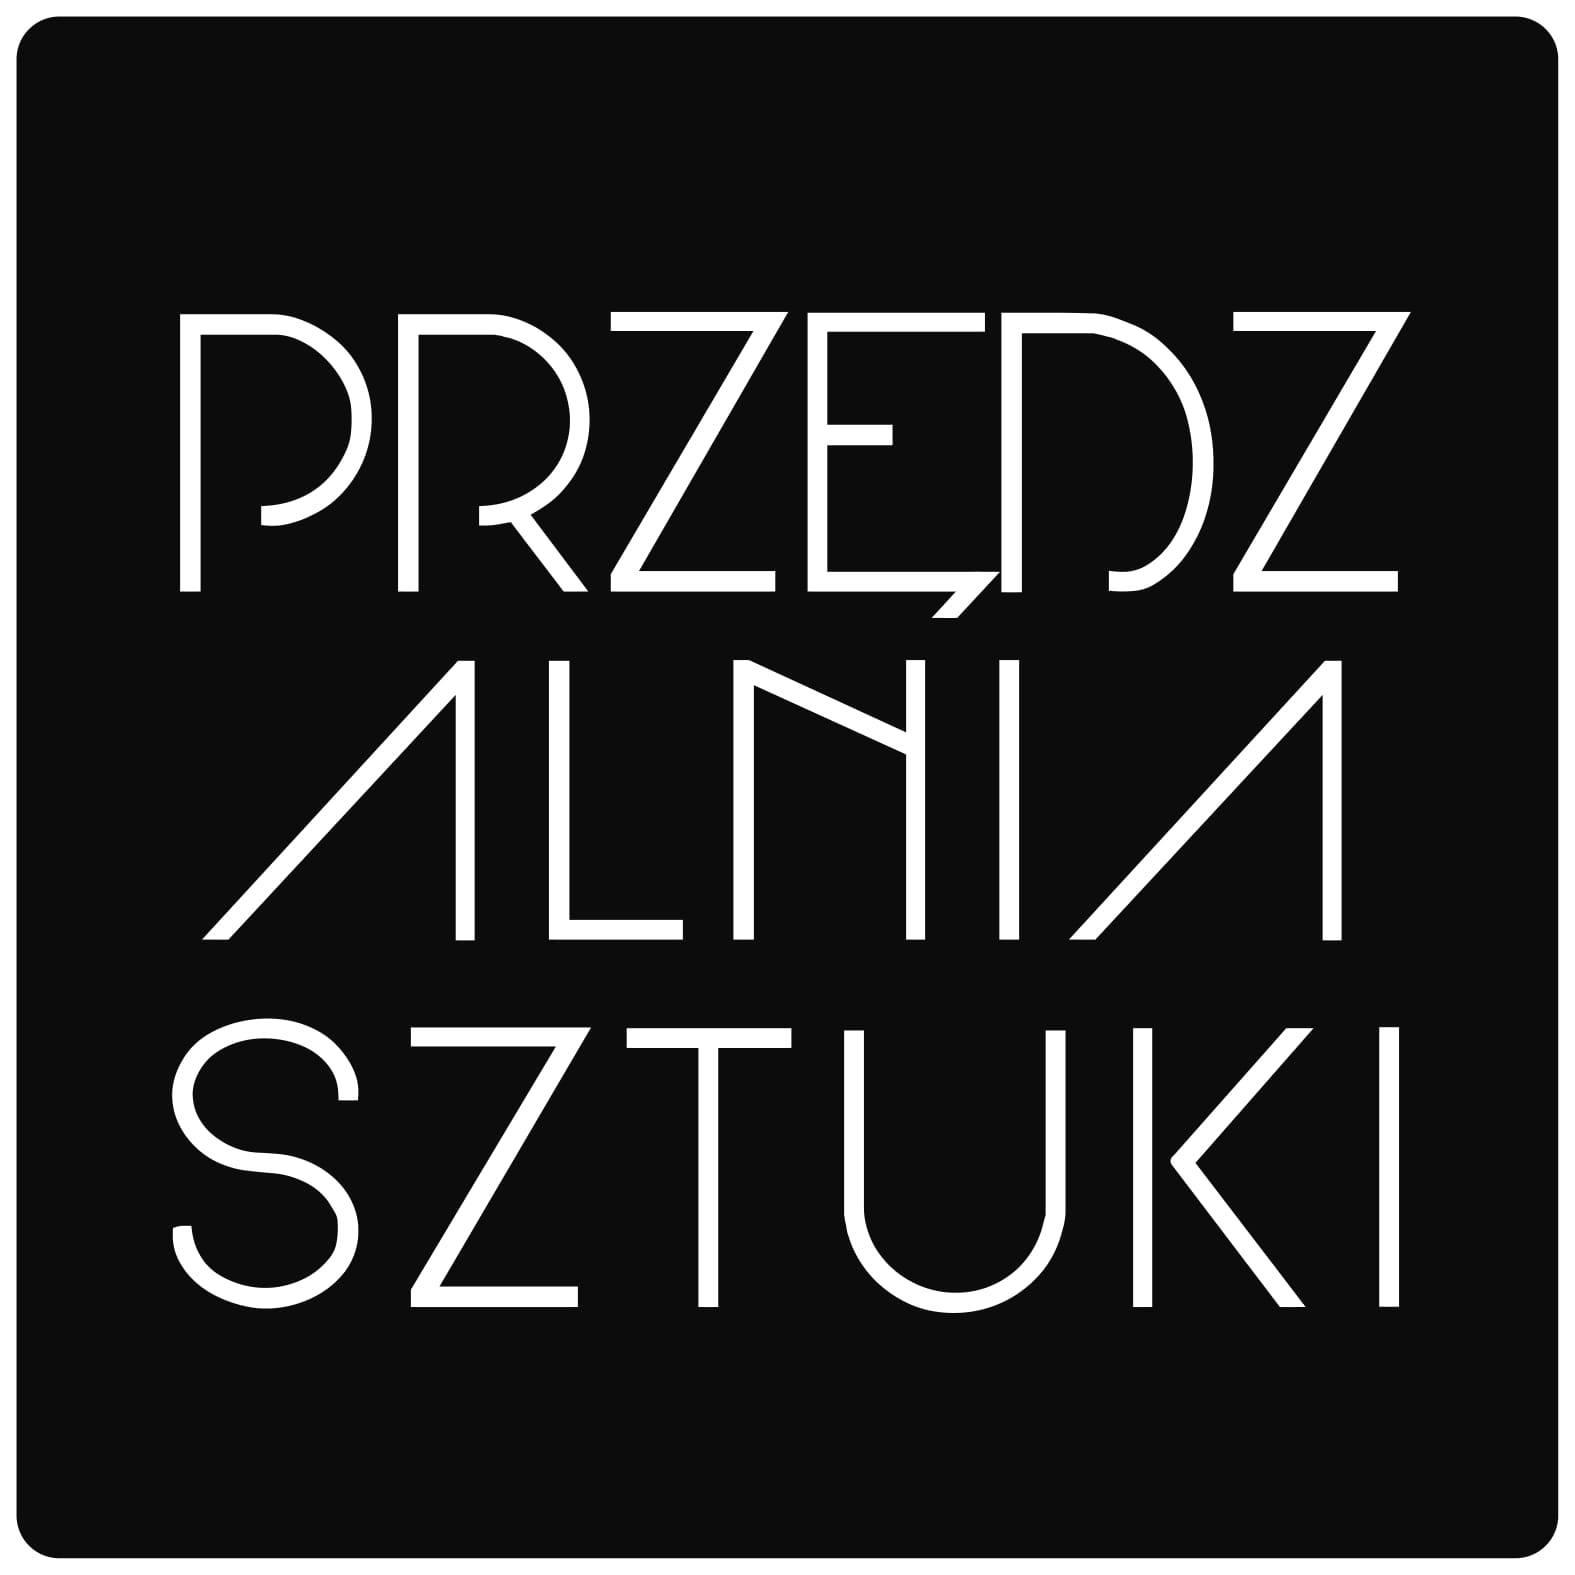 Fundacja Przędzalnia Sztuki